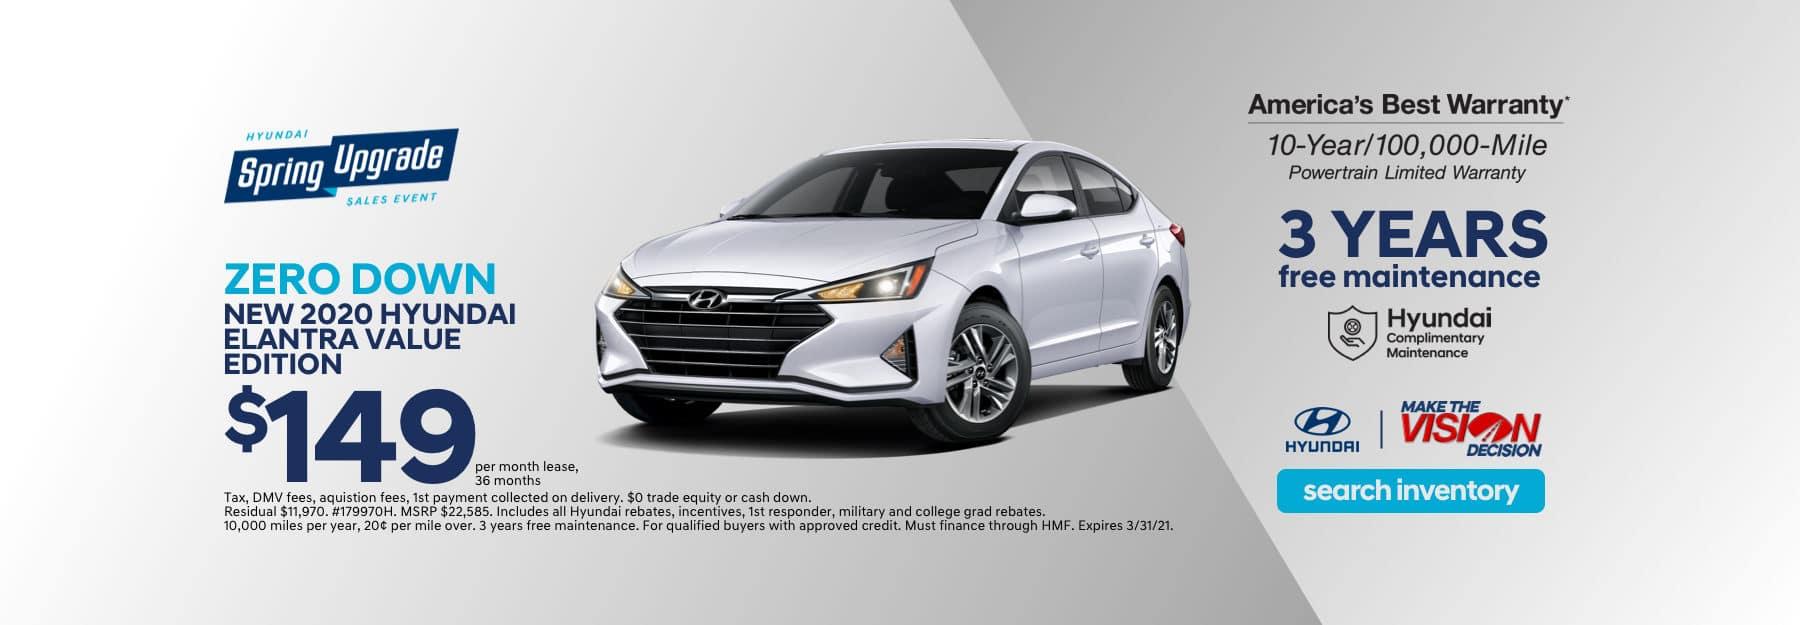 Vision-Hyundai-Sliders-0304-Elantra